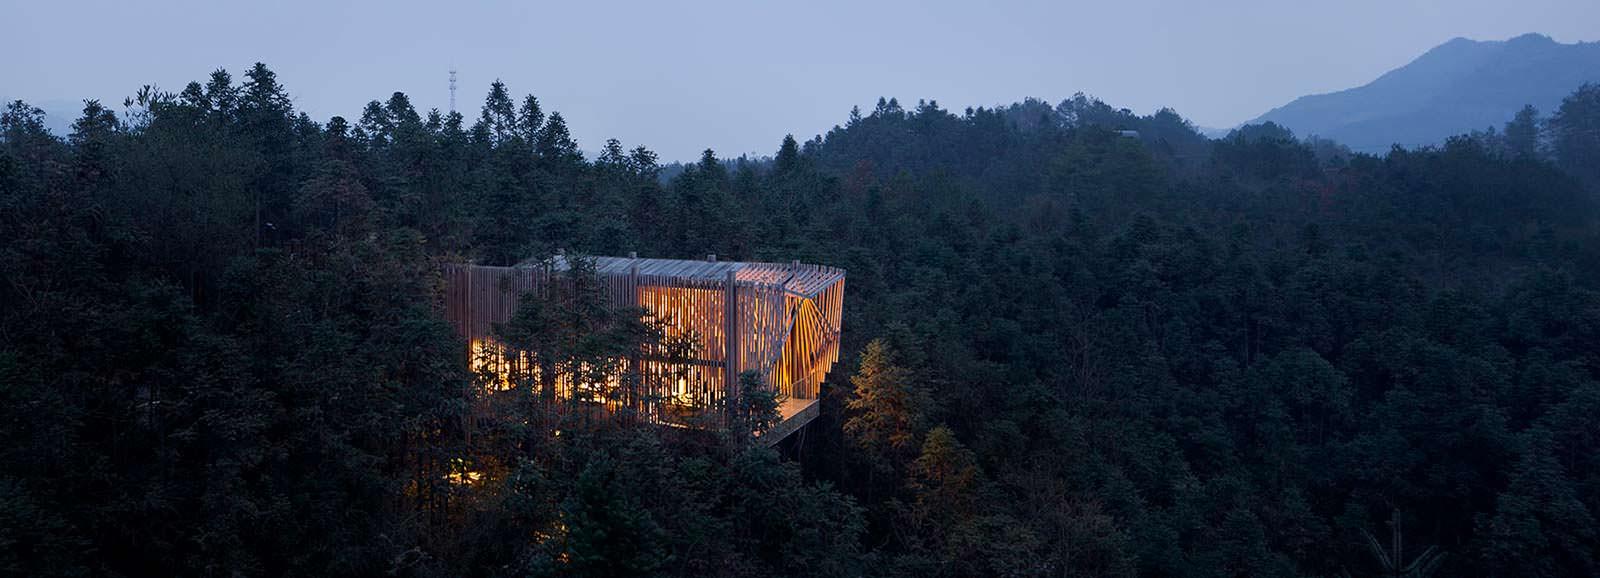 treehouse M: дом на дереве по-китайски от lanD studio